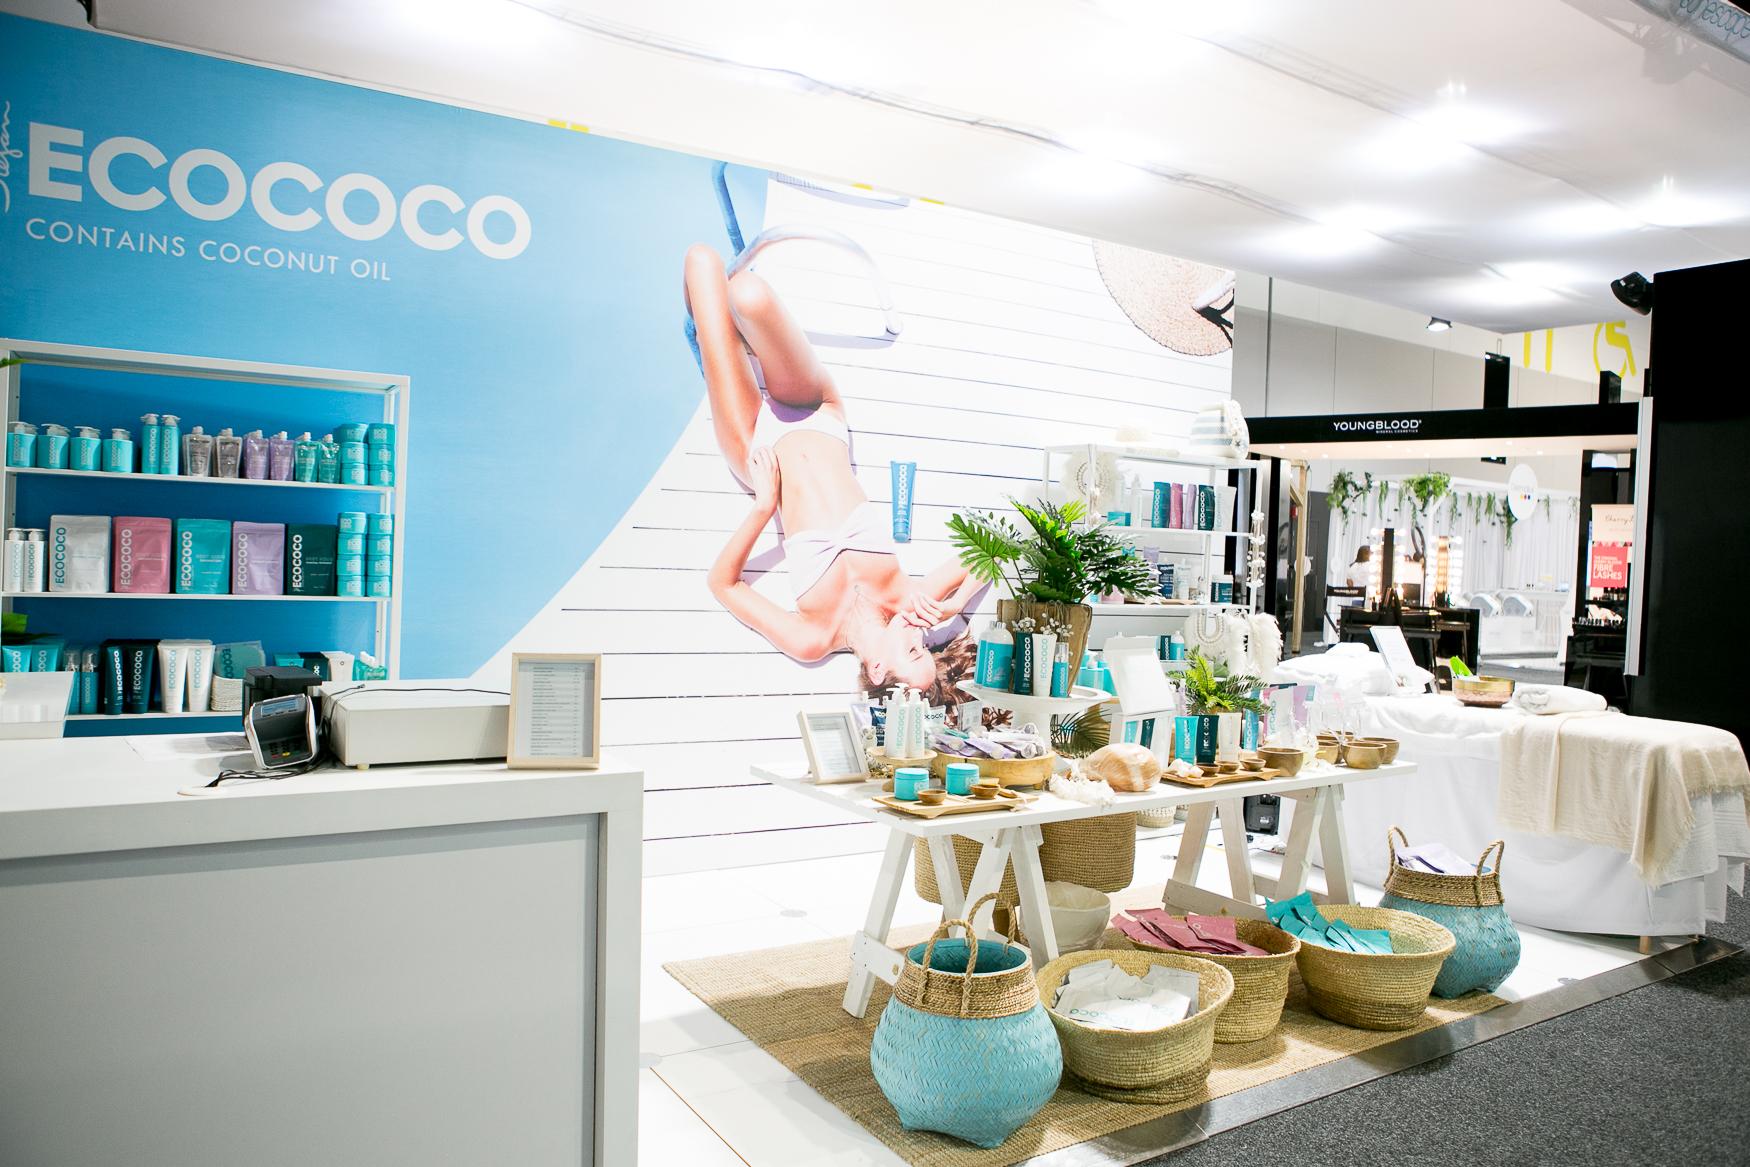 Expo18_Eco058.jpg